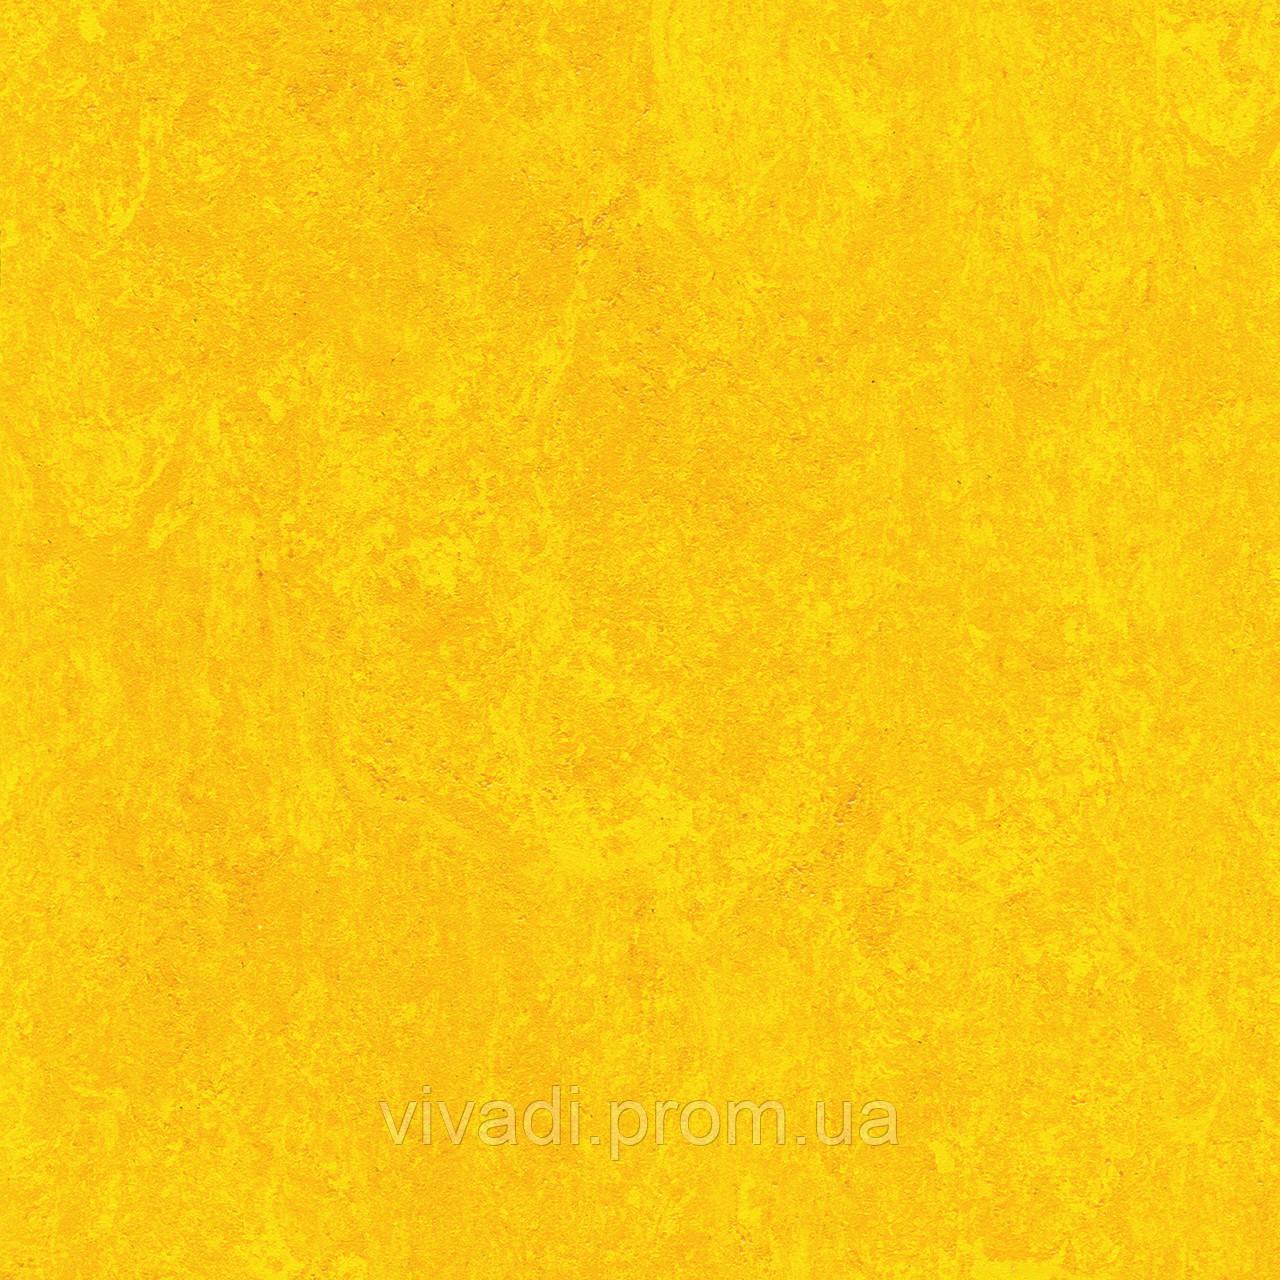 Натуральний лінолеум Marmorette PUR - колір 125-172